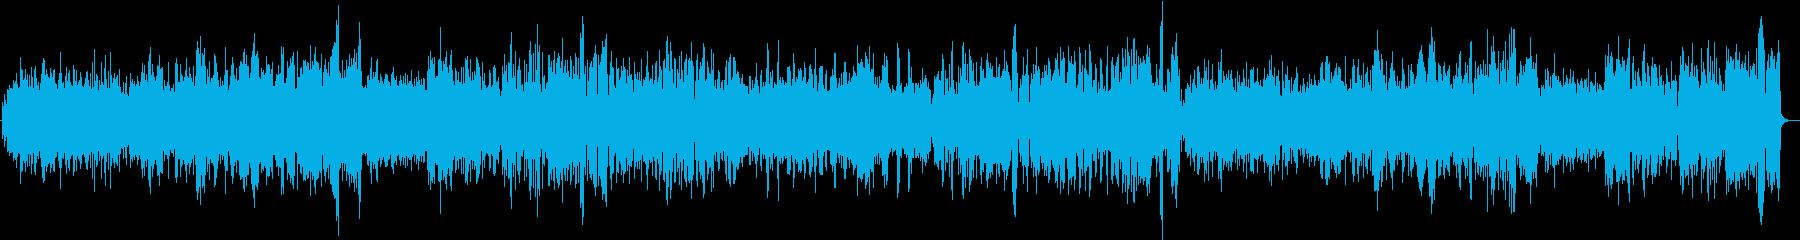 バッハ クラシック パイプオルガン 2の再生済みの波形